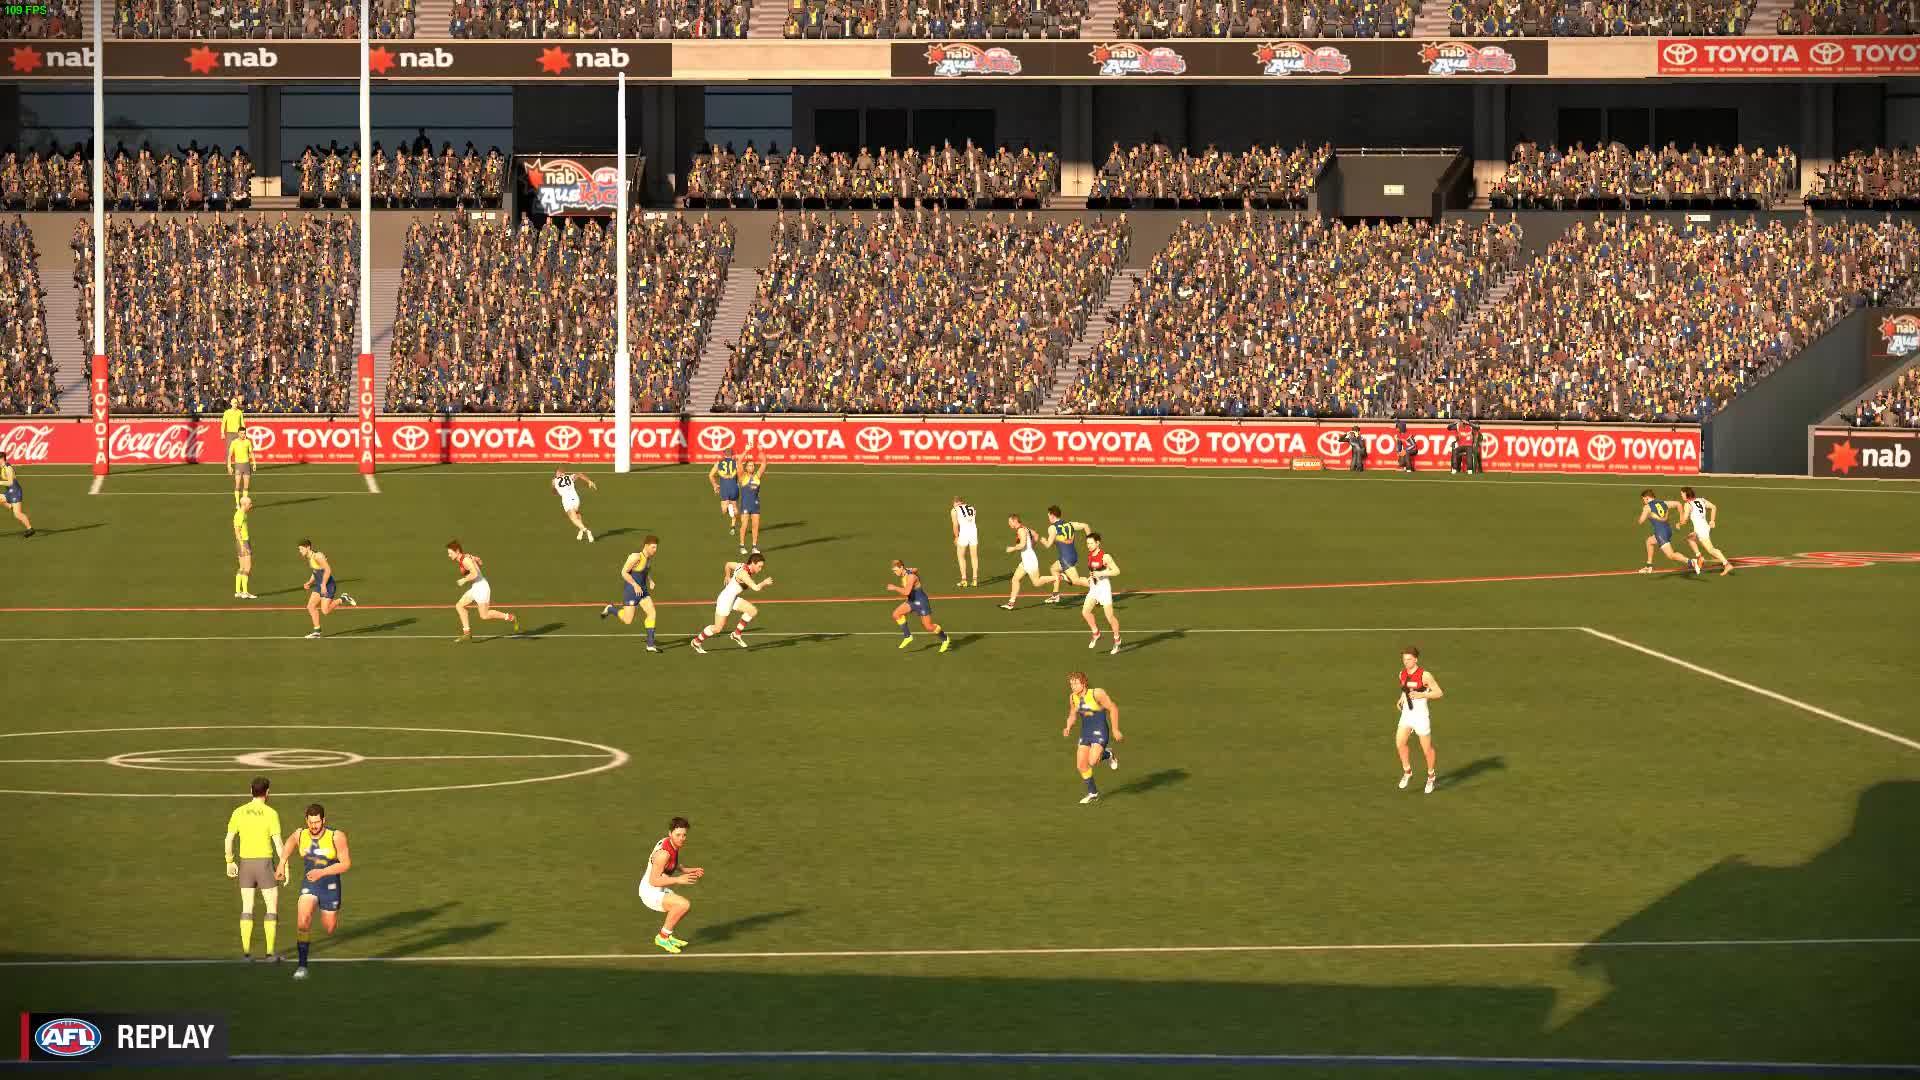 AFL Evolution 07.21.2017 - 21.14.35.07.DVR GIFs